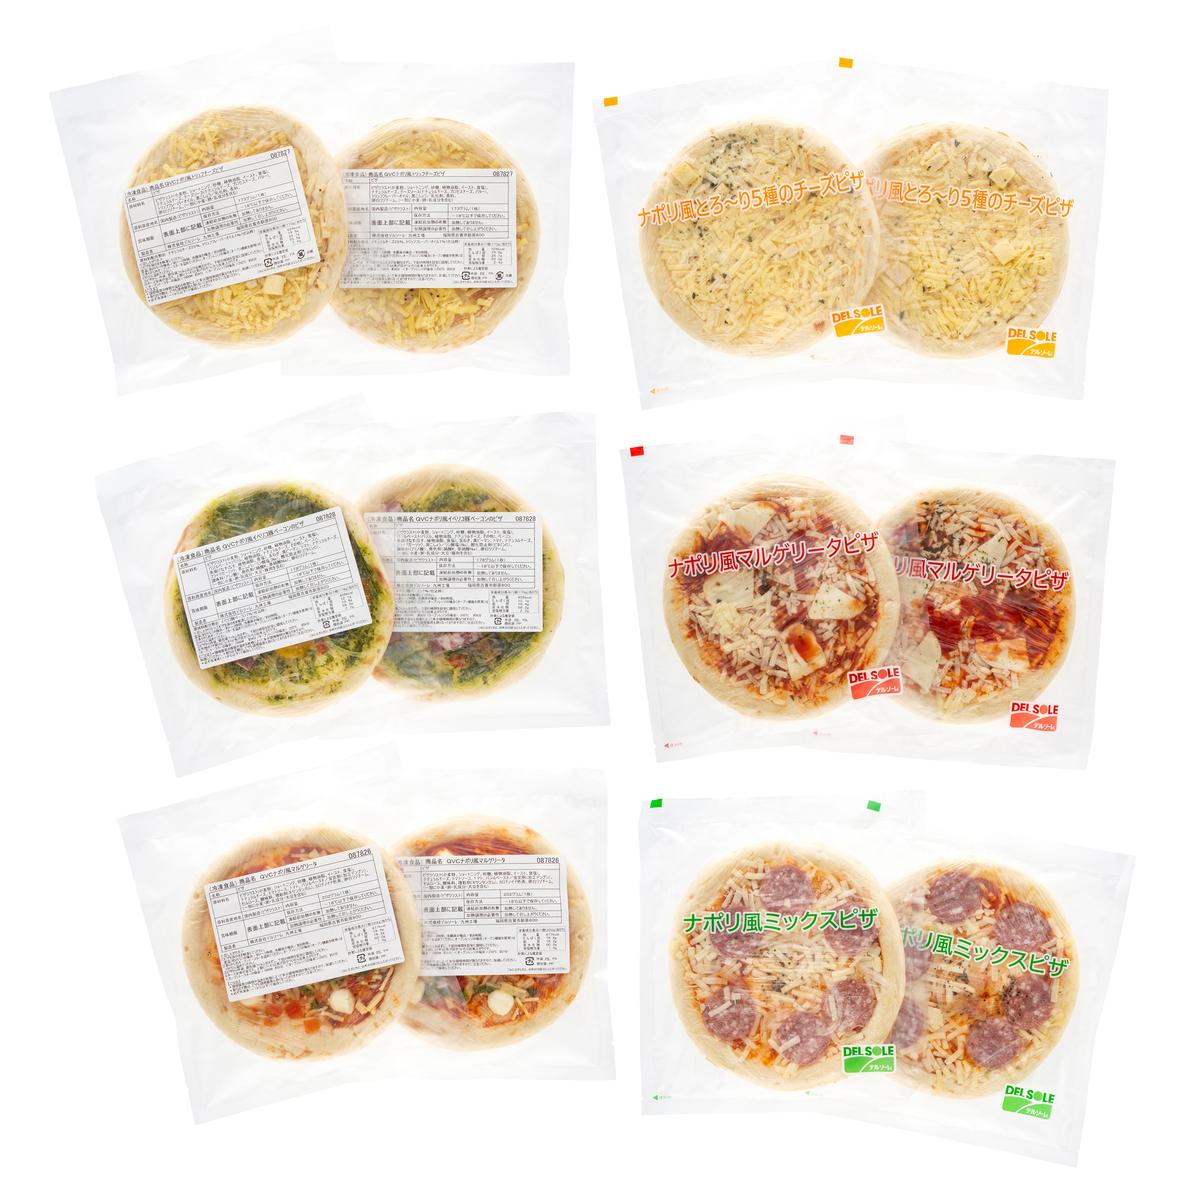 ナポリ風ピザ オールスター 計12枚セット